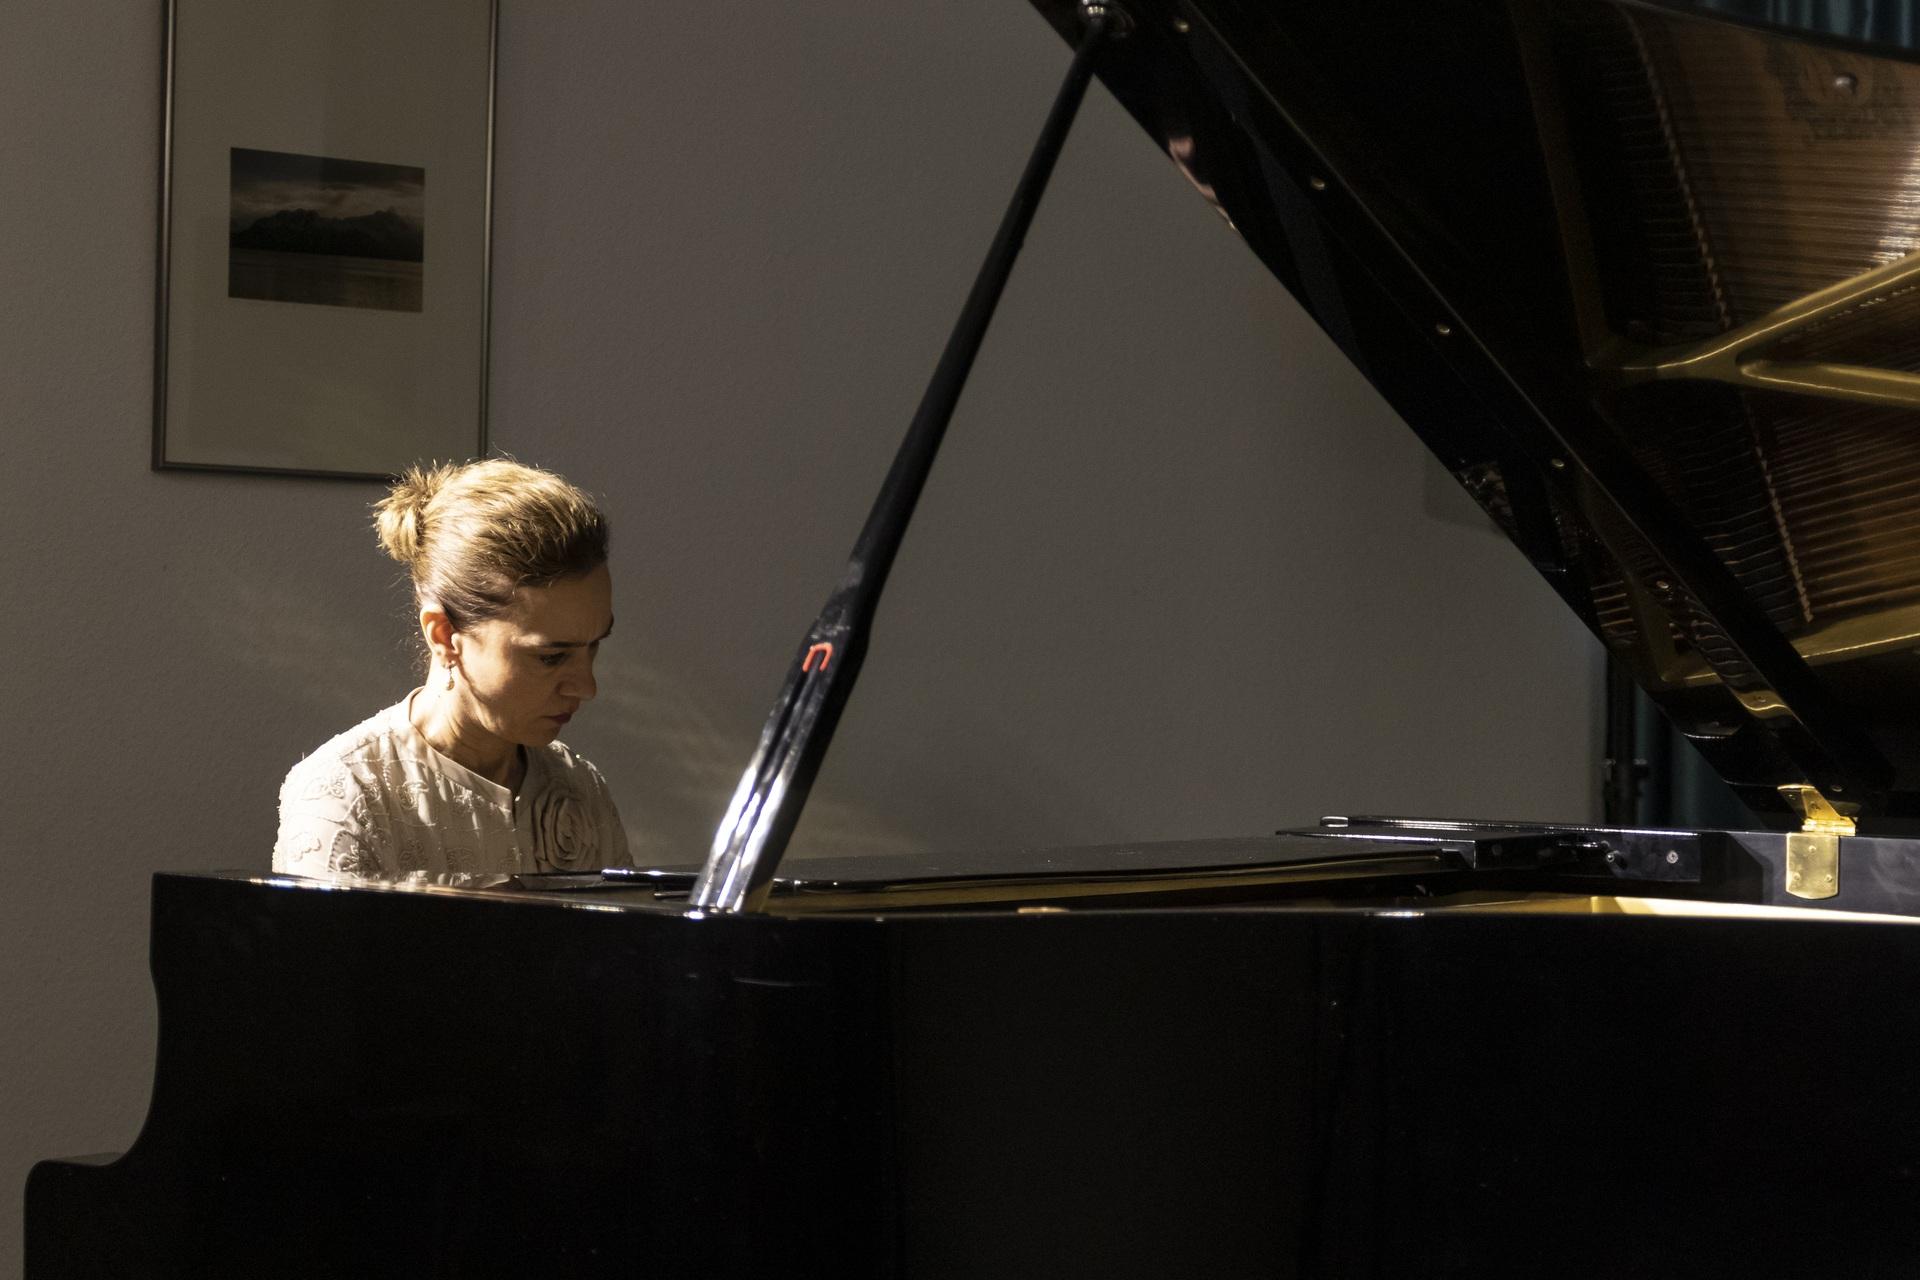 Danica Stojanova